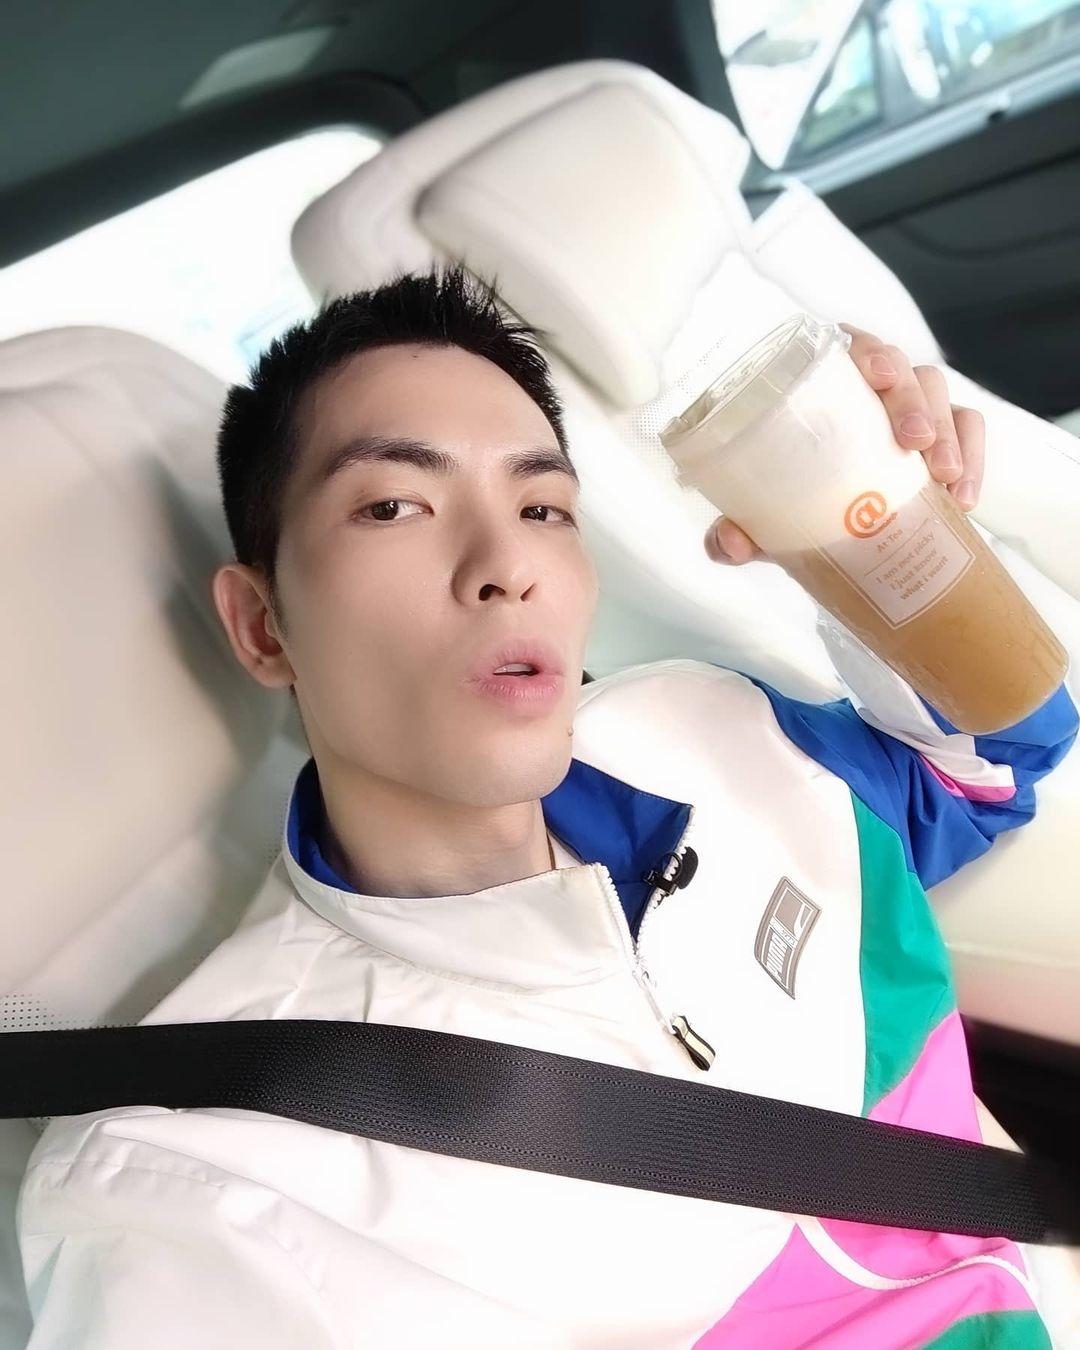 蕭敬騰踩萬元拖鞋宣傳新頻道「蕭房車」!厭世臉問候俏皮又時髦